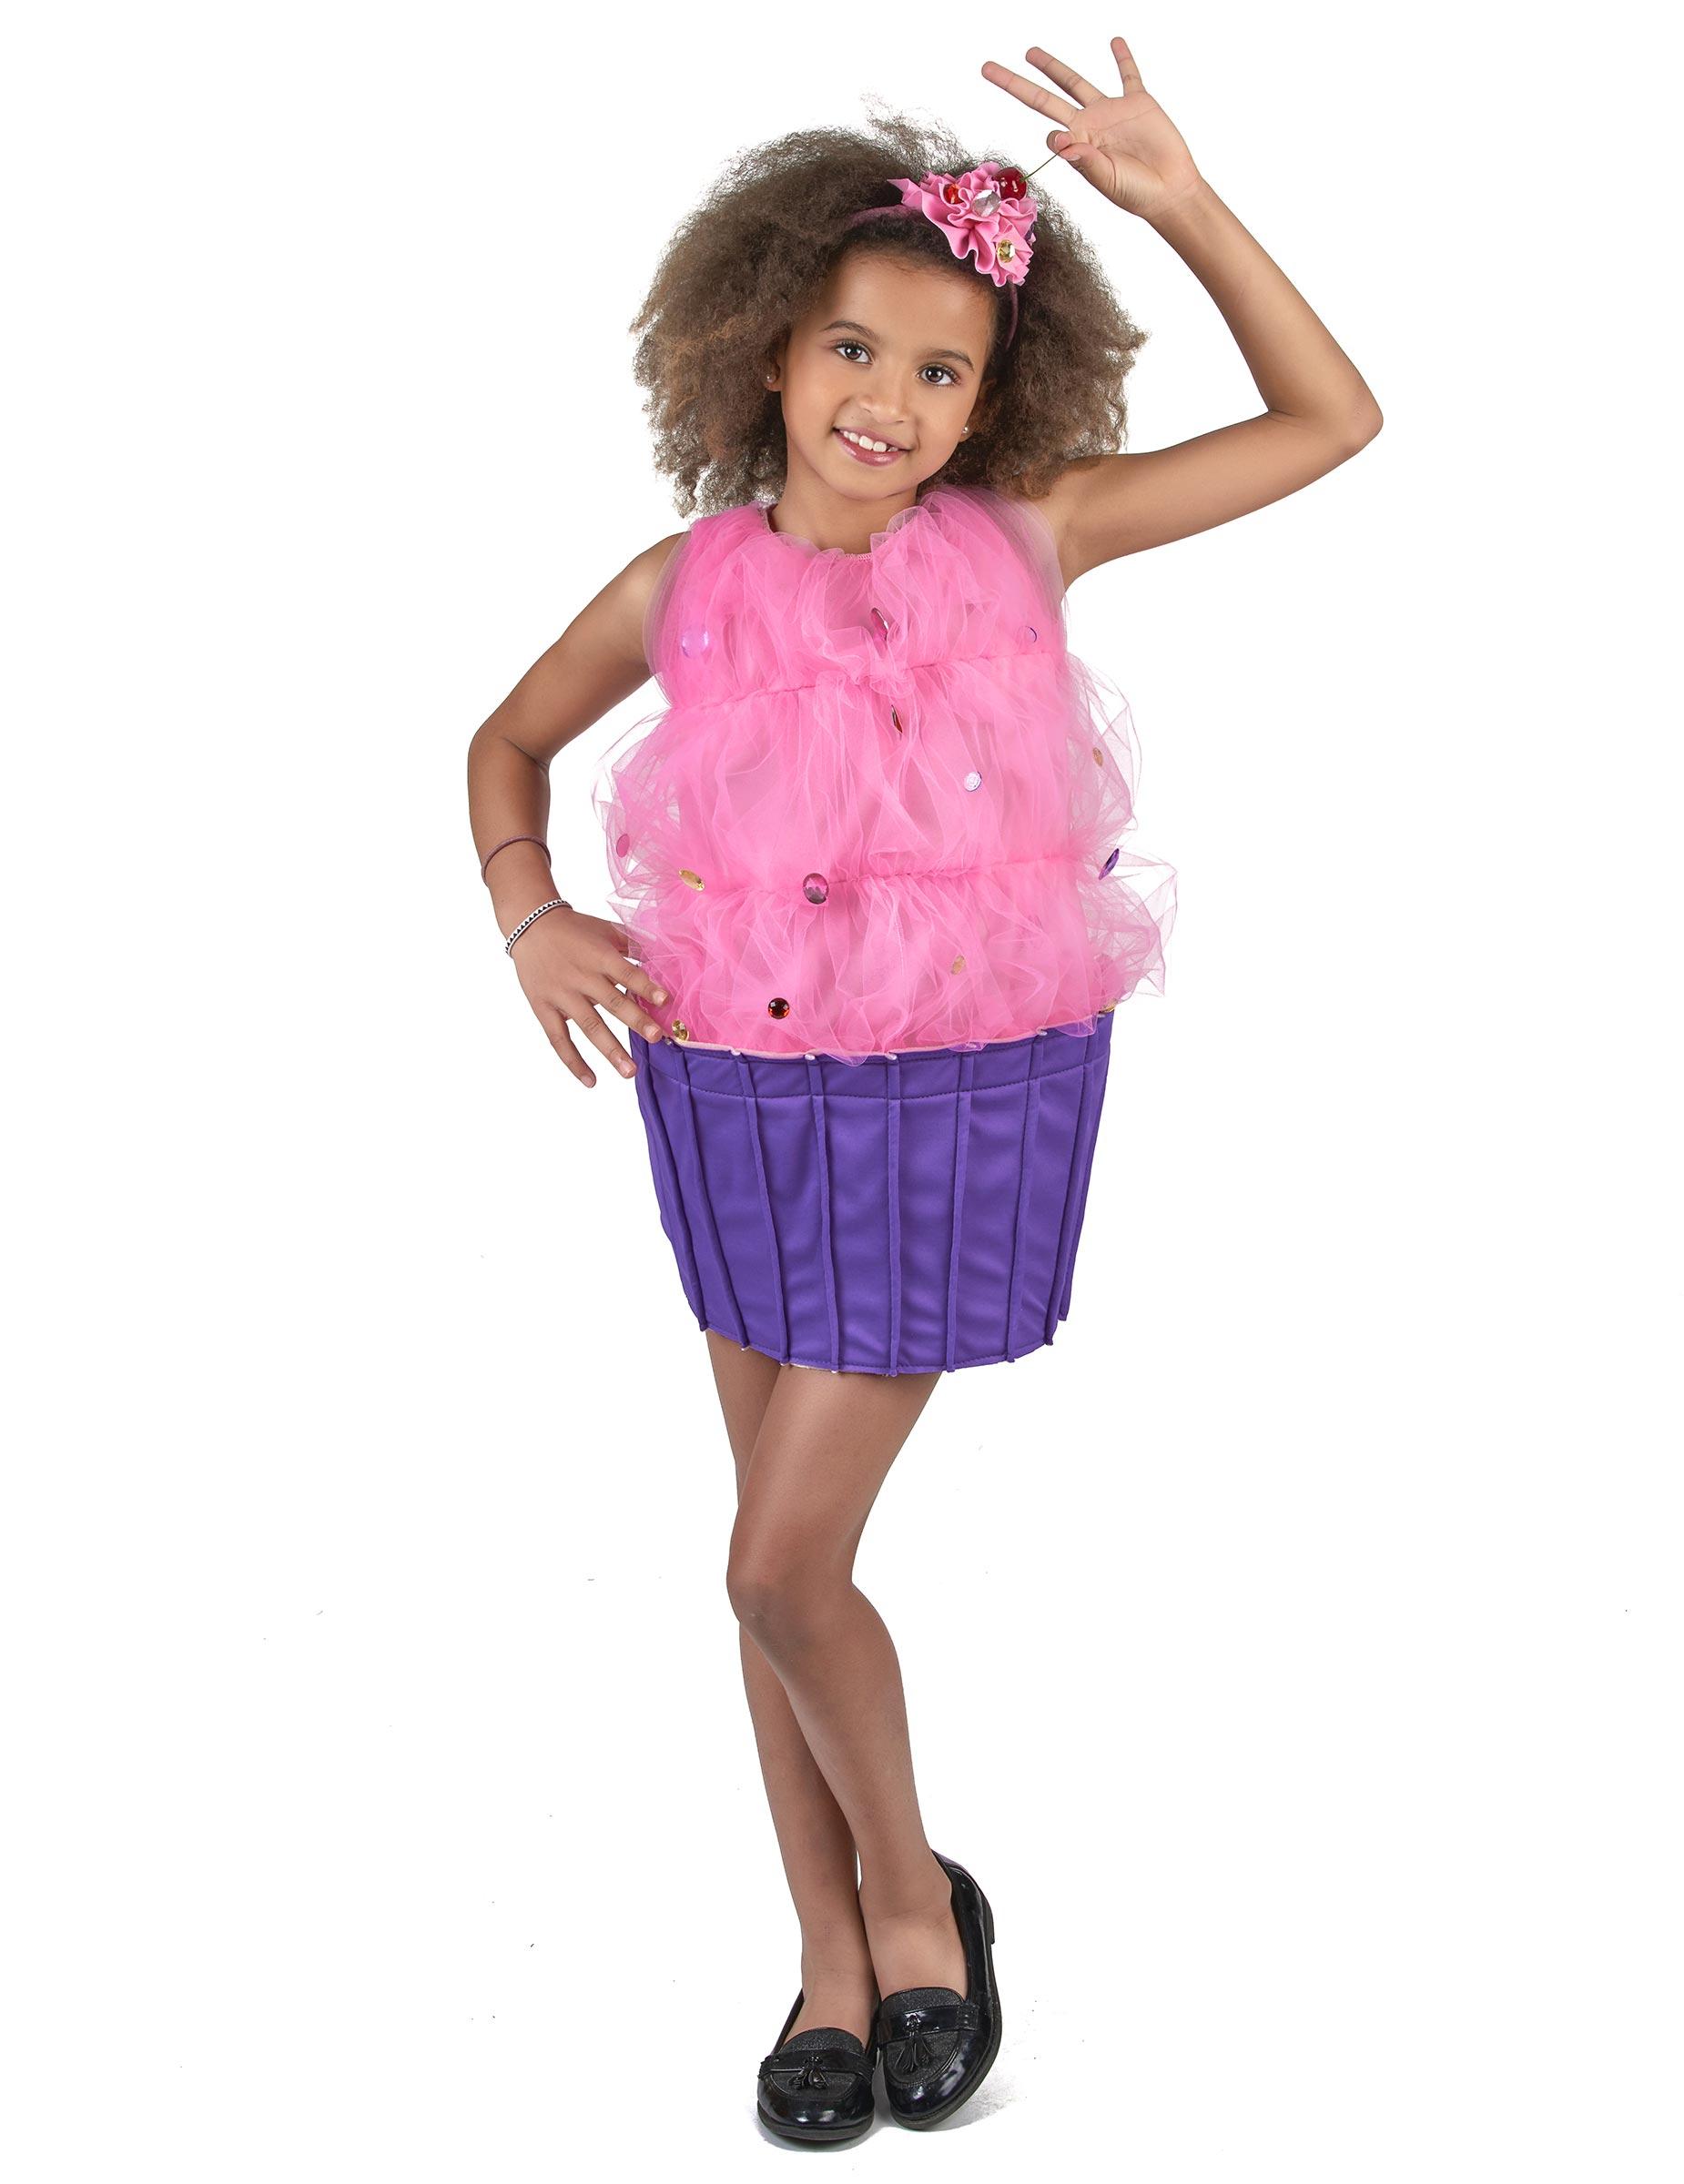 424f6866699c Costume cupcake rosa bambina: Costumi bambini,e vestiti di carnevale ...